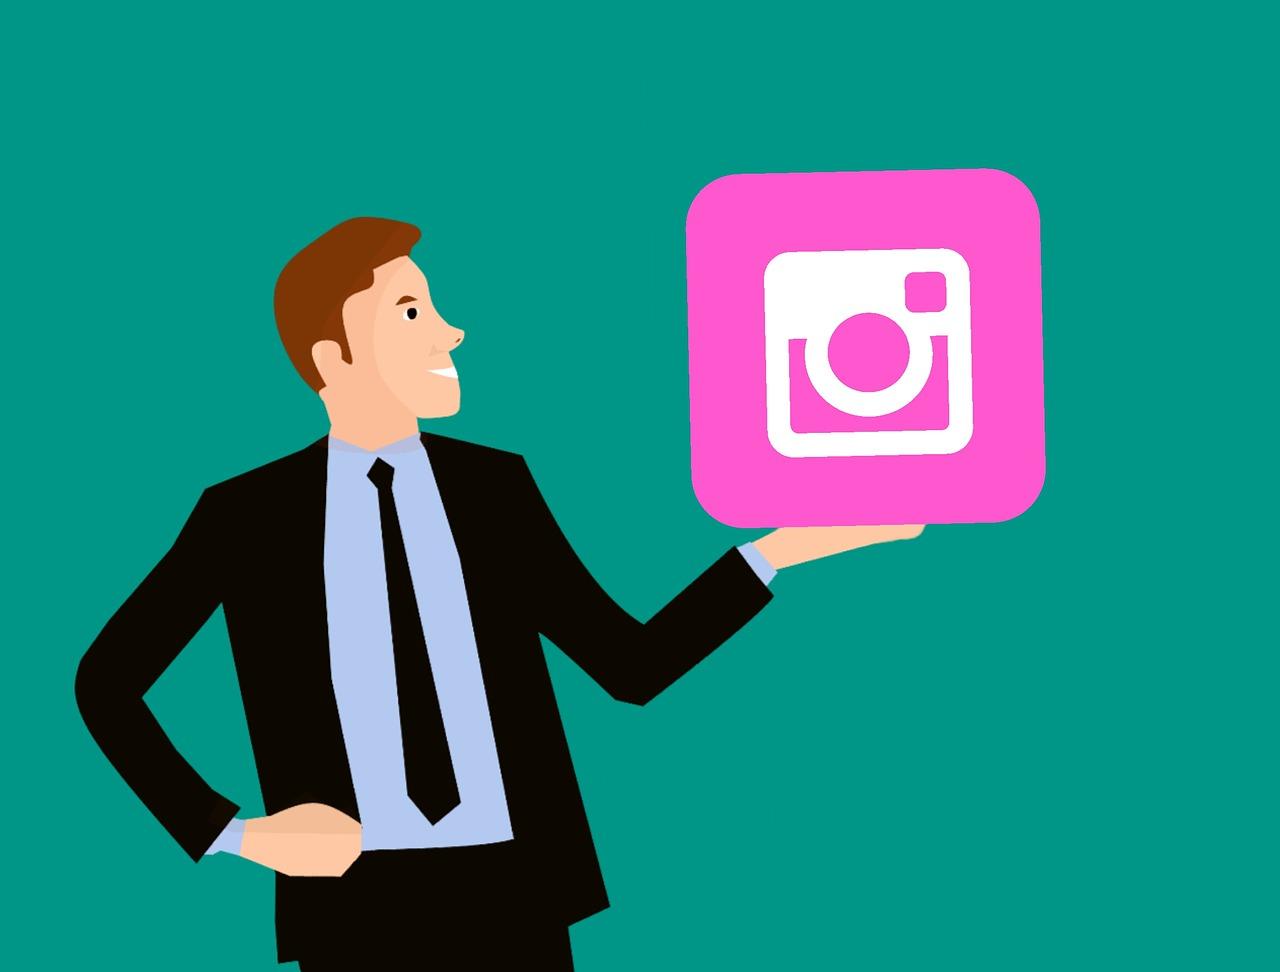 Scopri i 3 consigli per crescere su Instagram